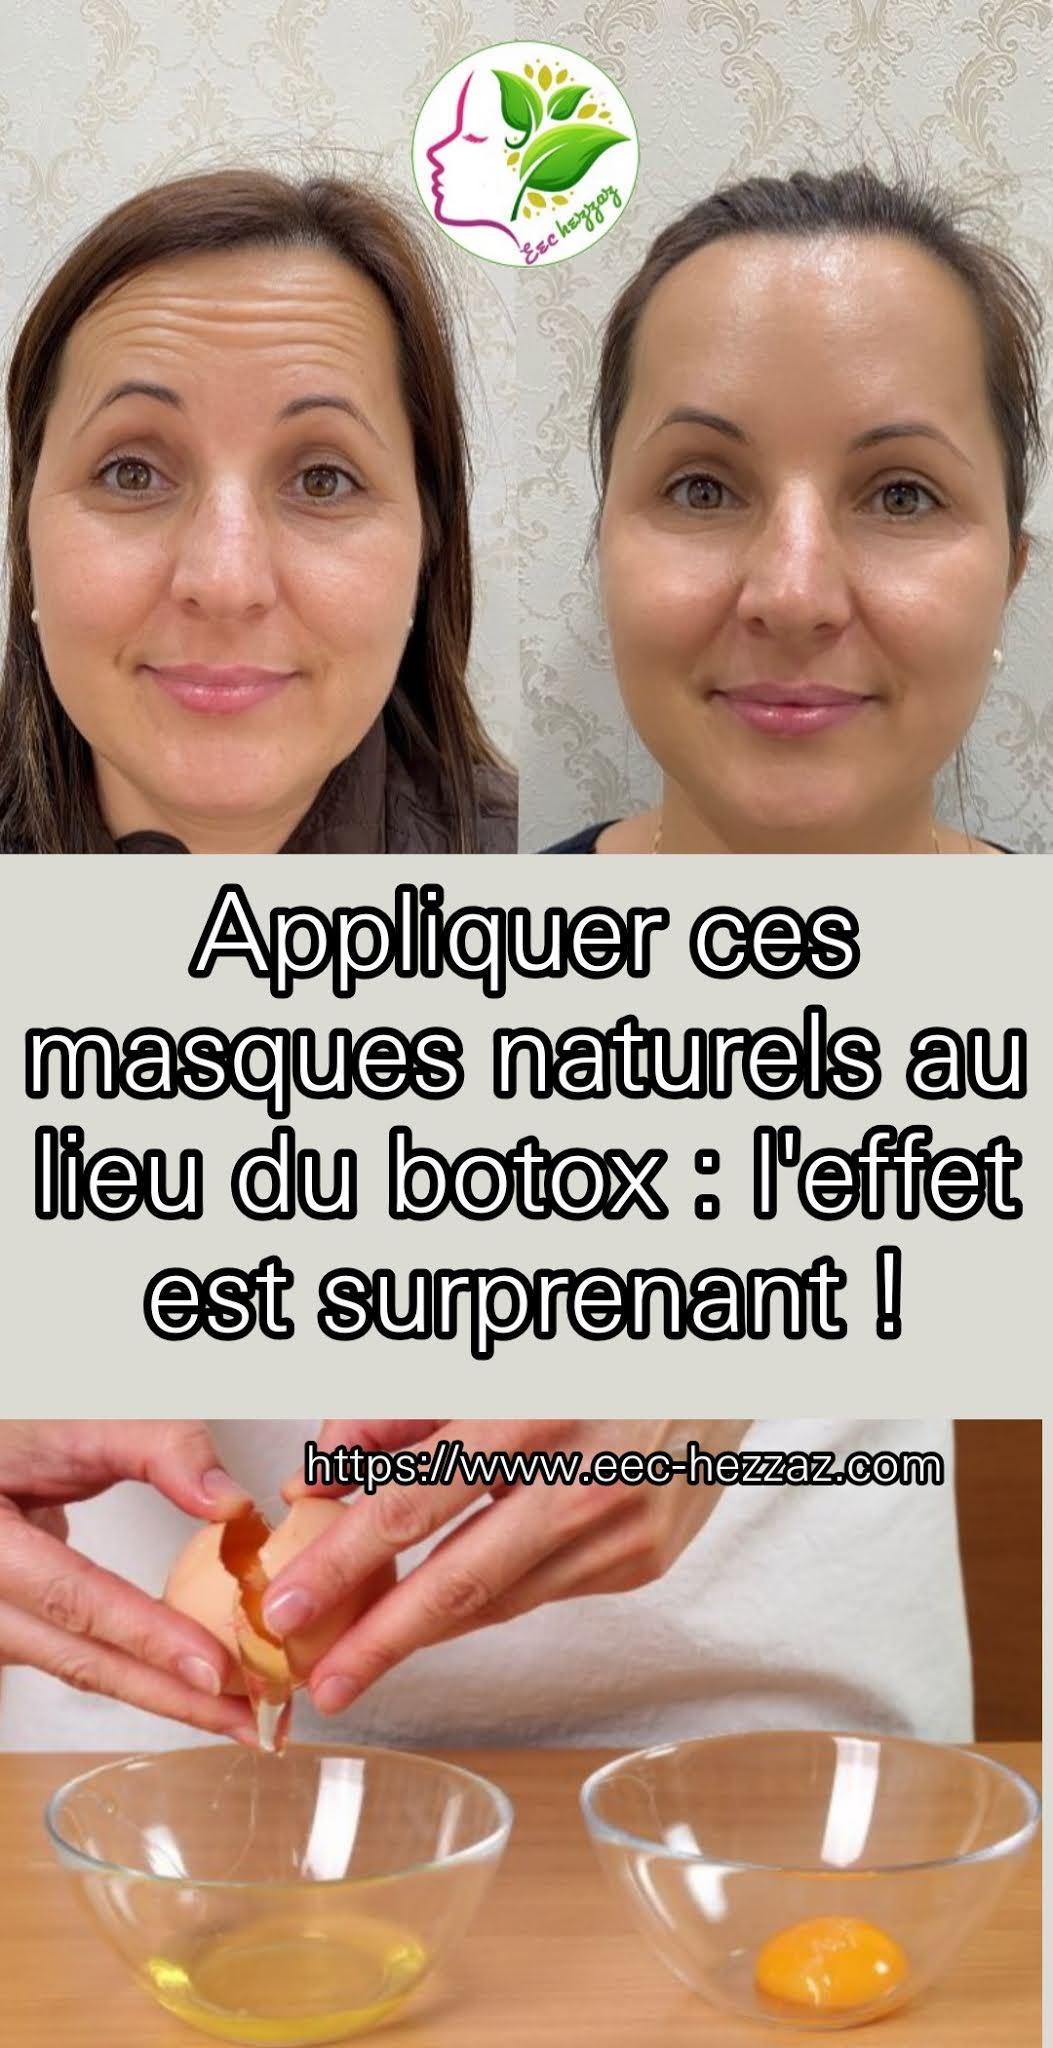 Appliquer ces masques naturels au lieu du botox : l'effet est surprenant !